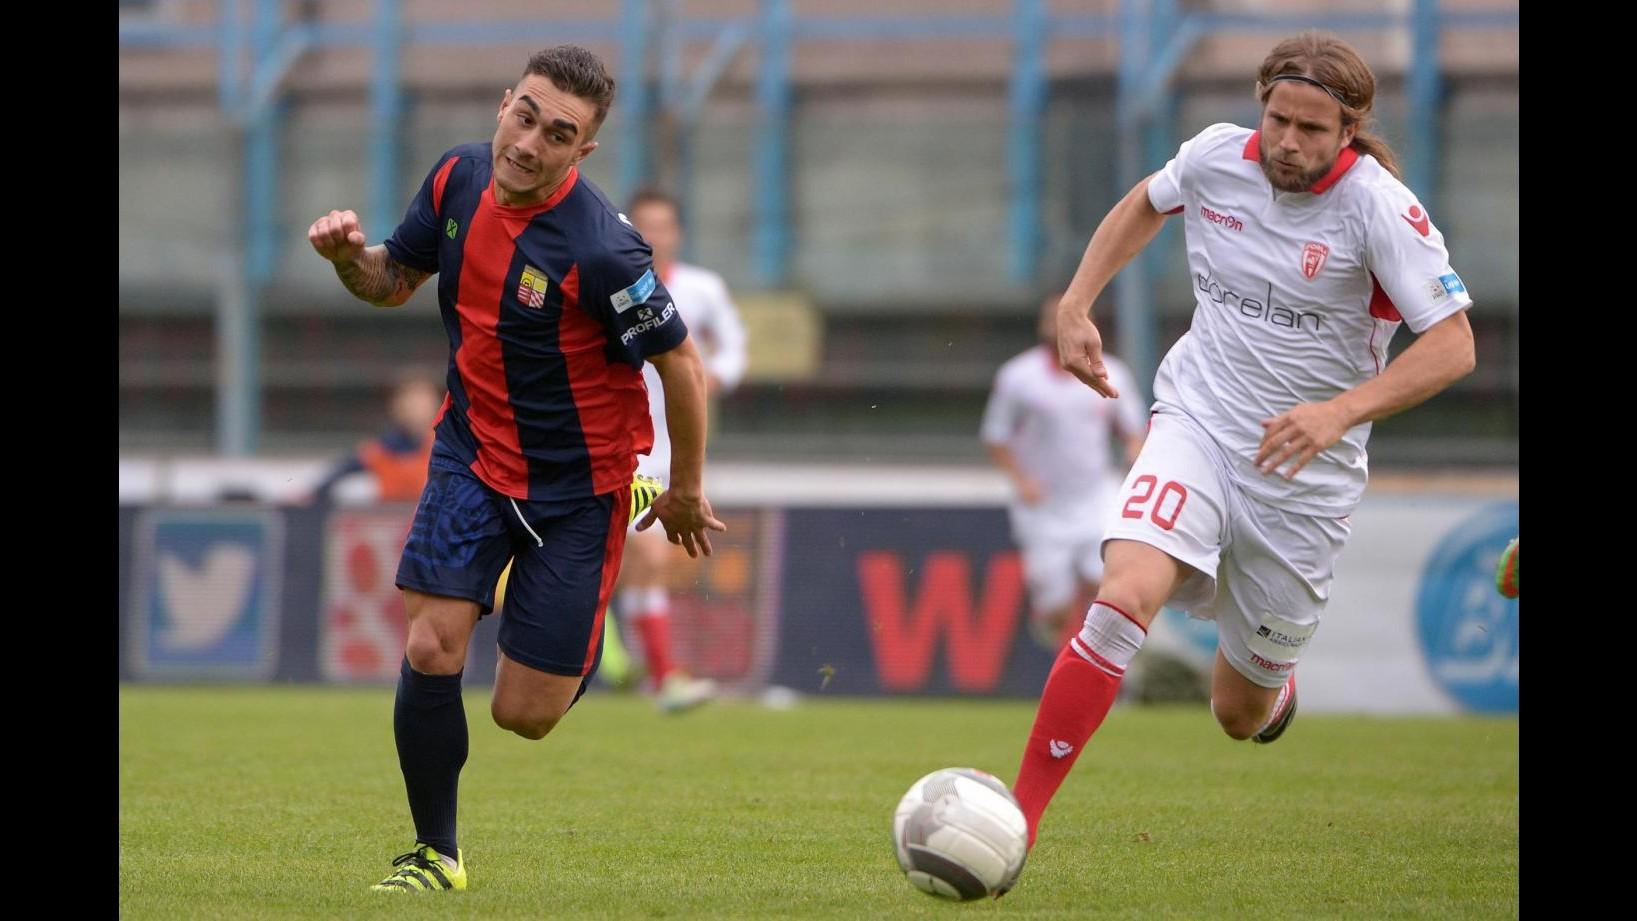 FOTO Lega Pro, Lumezzane-Forli 0-0